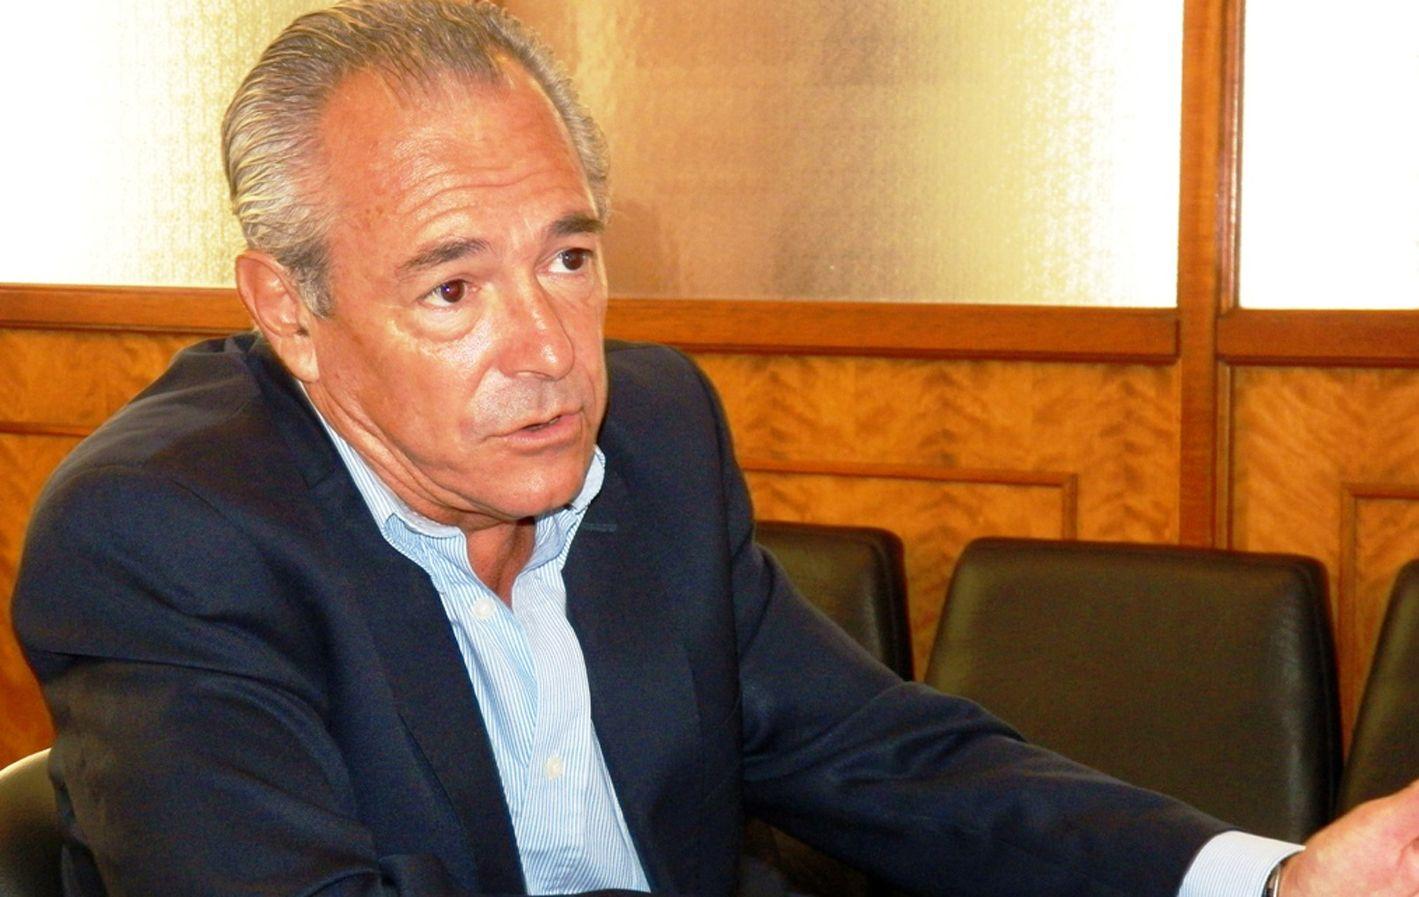 Mario Barletta remarcó su pertenencia al Frente Progresista Cívico y Social.